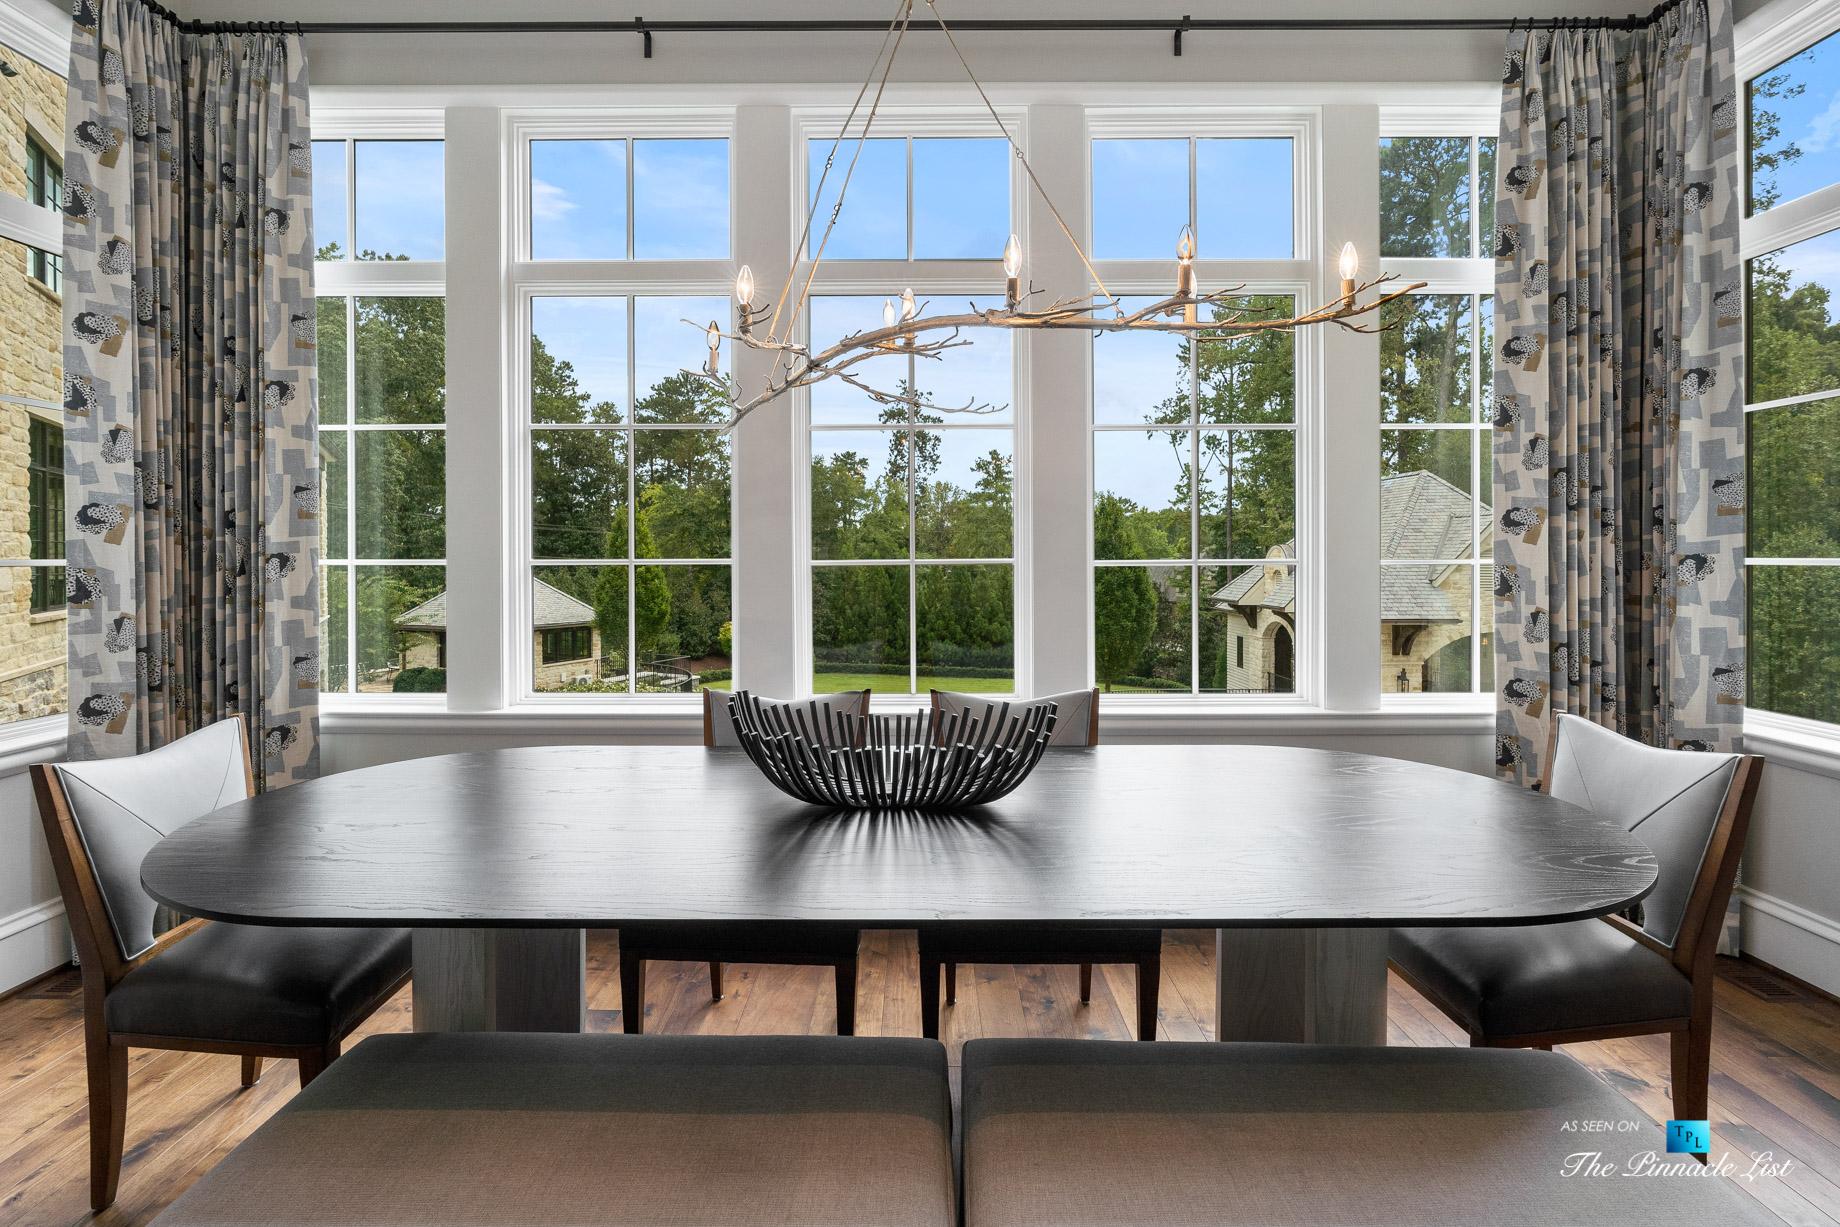 1150 W Garmon Rd, Atlanta, GA, USA – Kitchen Table View – Luxury Real Estate – Buckhead Estate Home